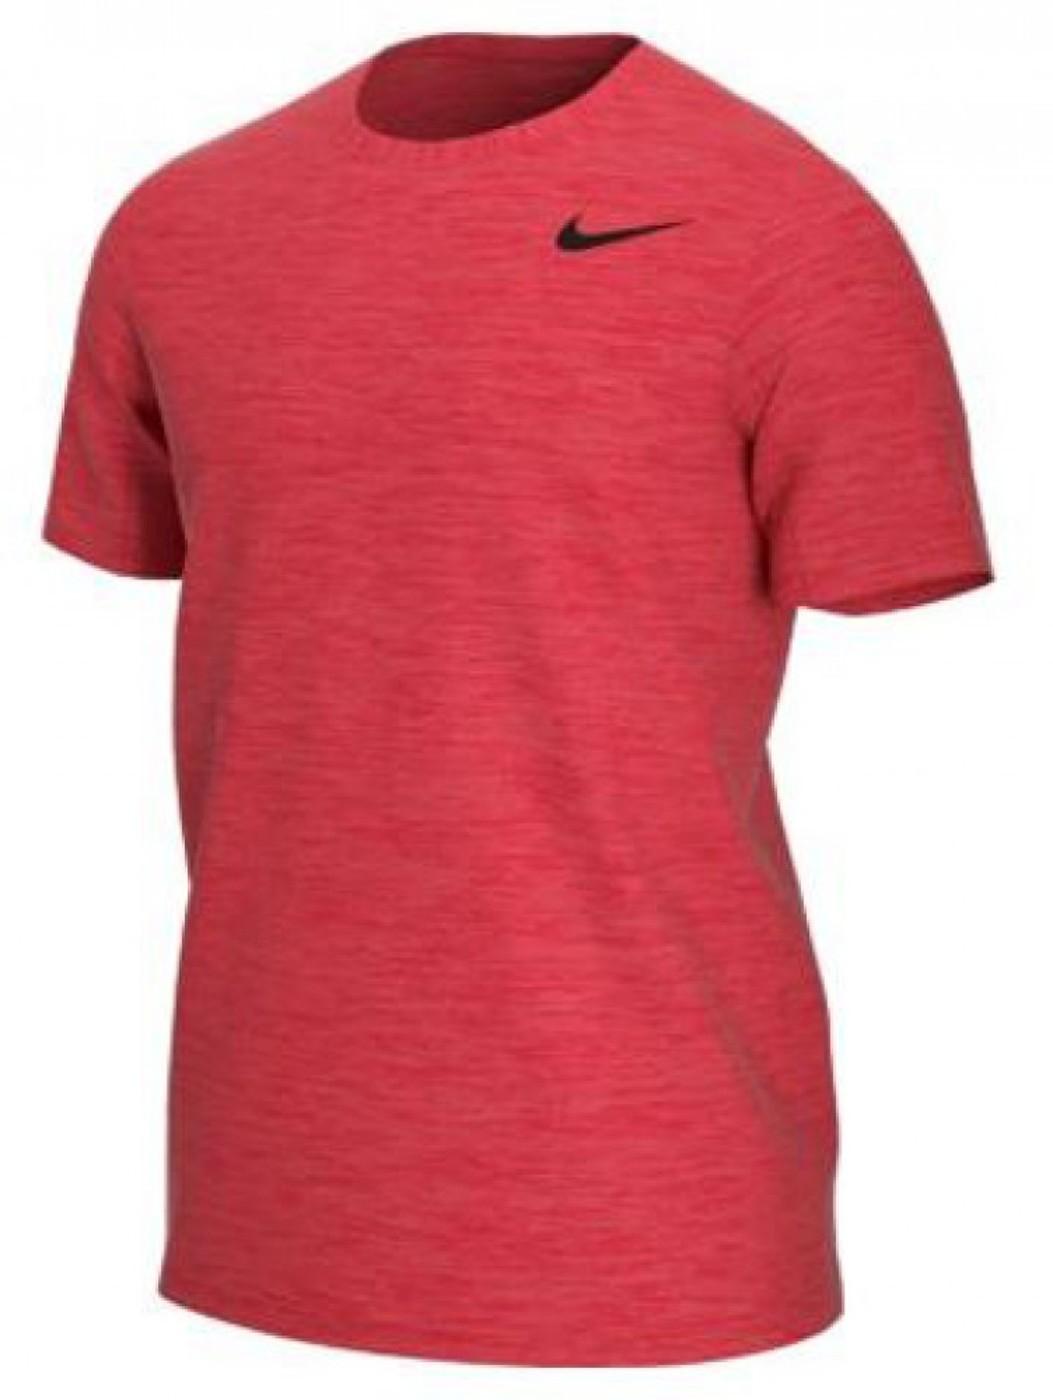 Nike Dri-FIT Superset Sh - Herren